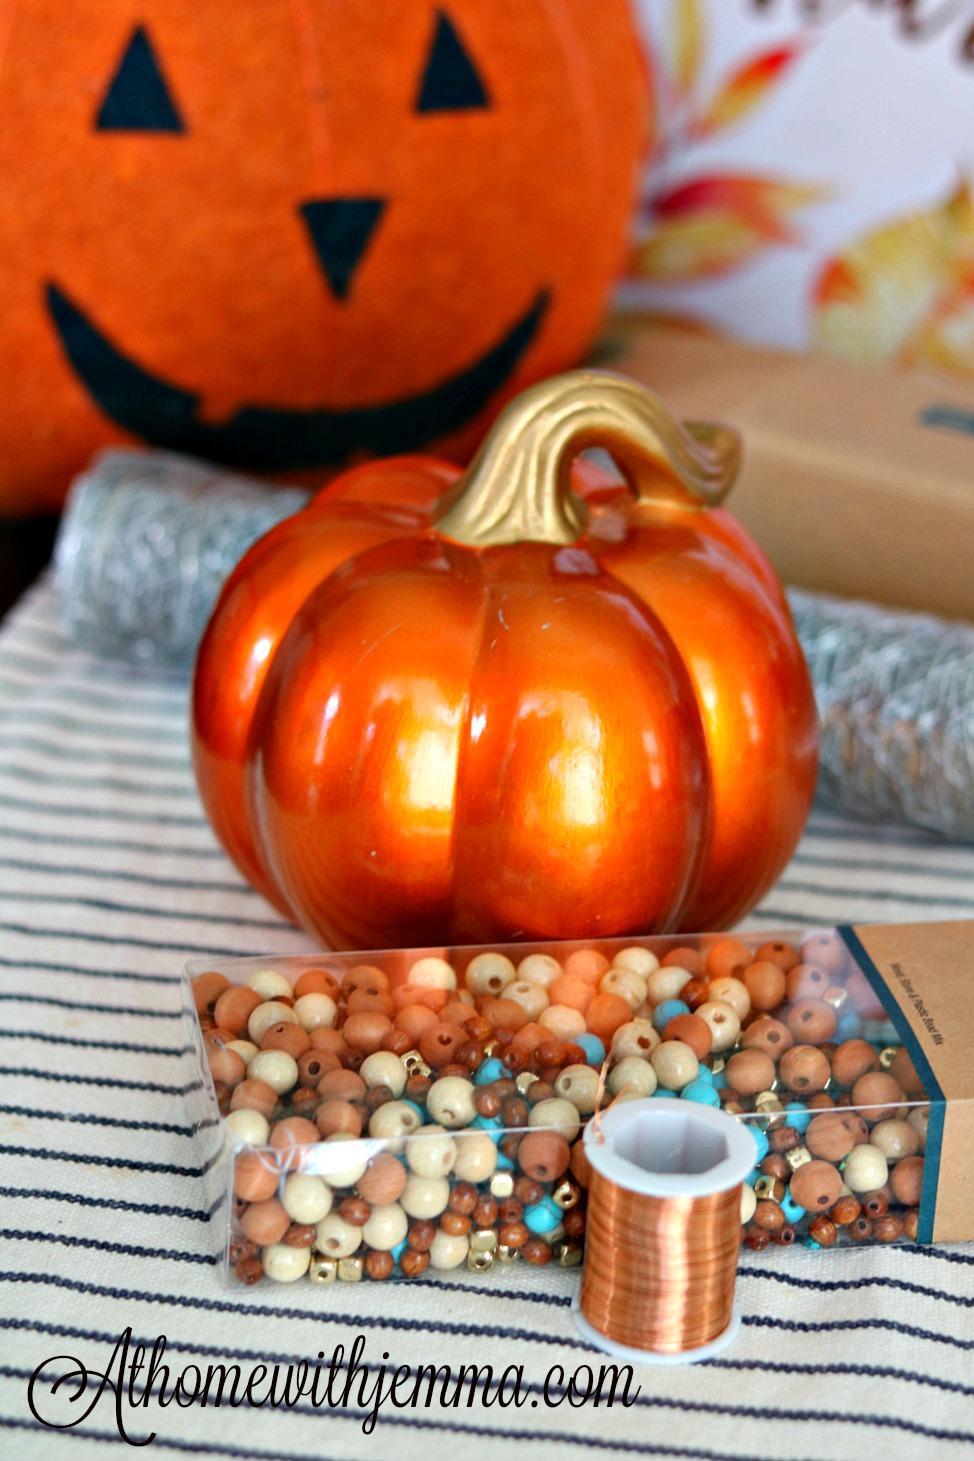 craft-fall-chicken-wire-handmade-pumpkin-athomewithjemma